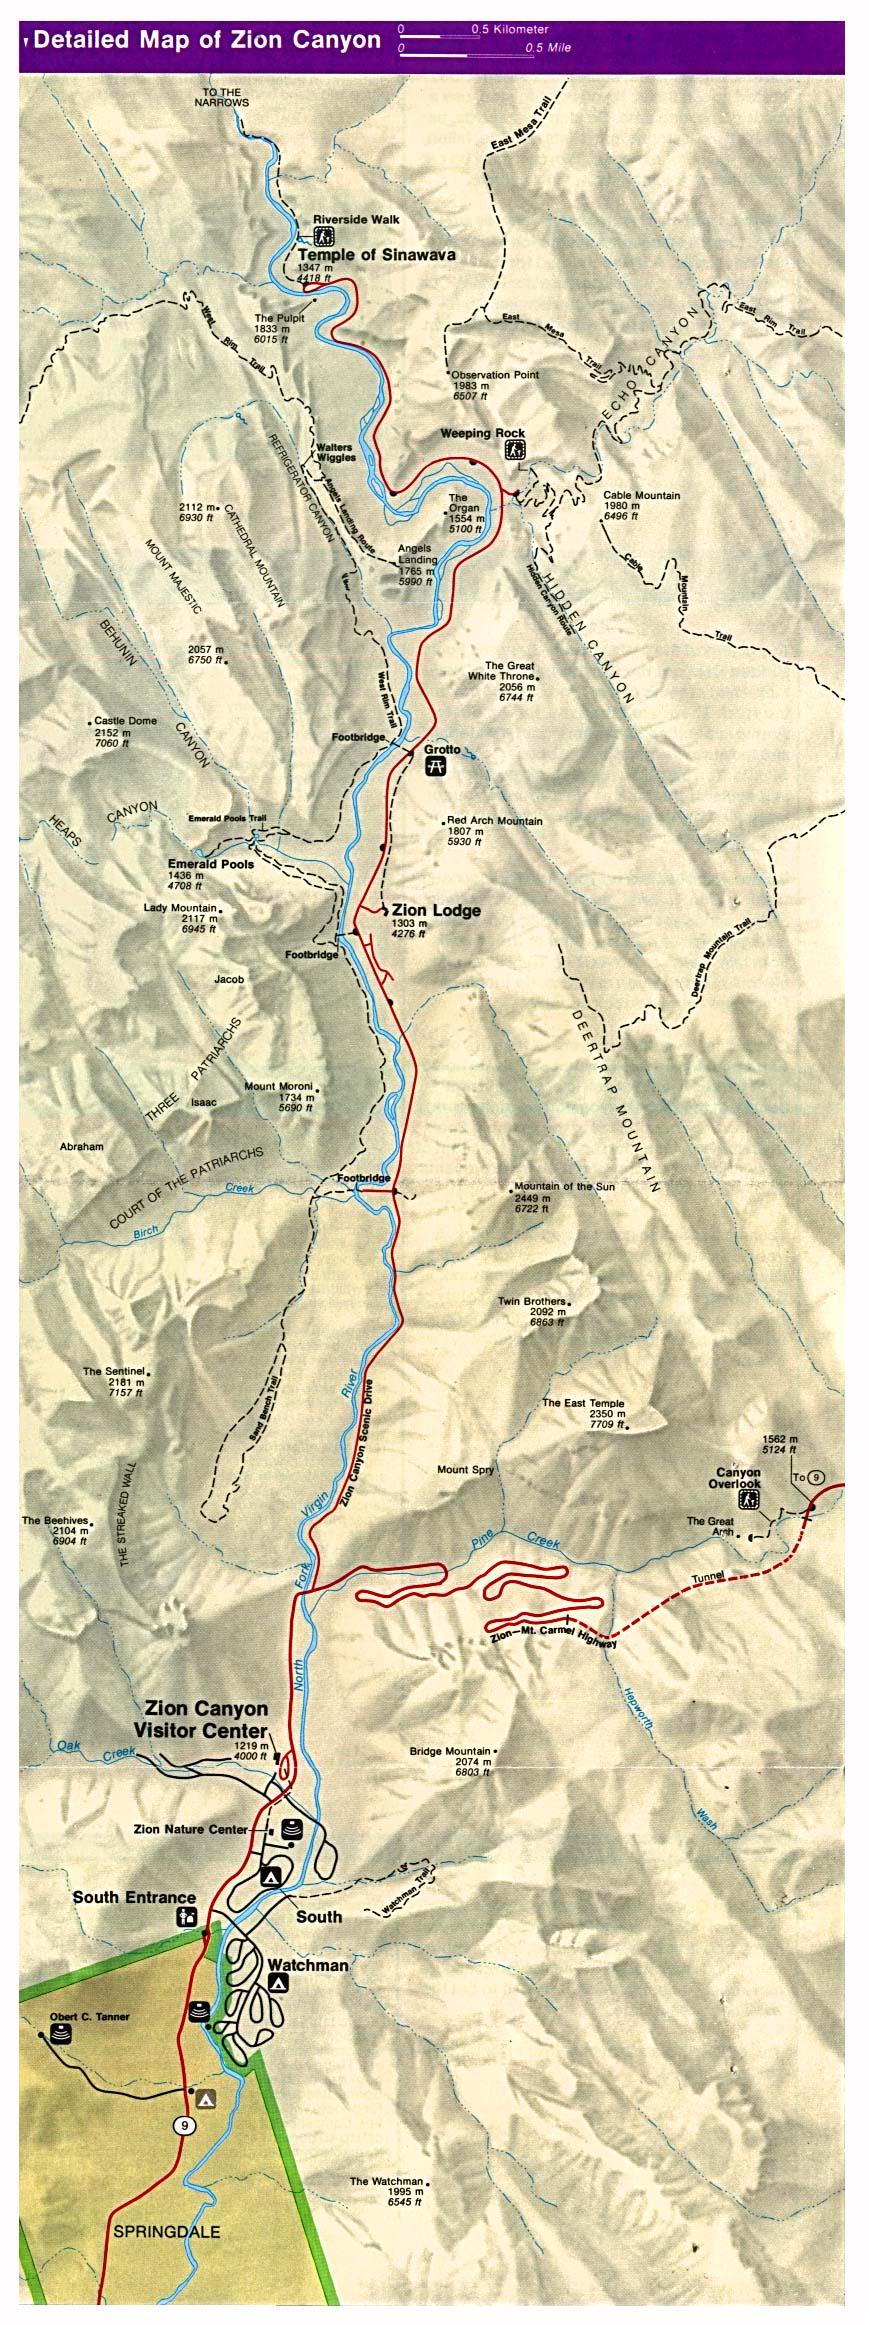 Mapa Detallado del Parque Nacional Zion, Utah, Estados Unidos